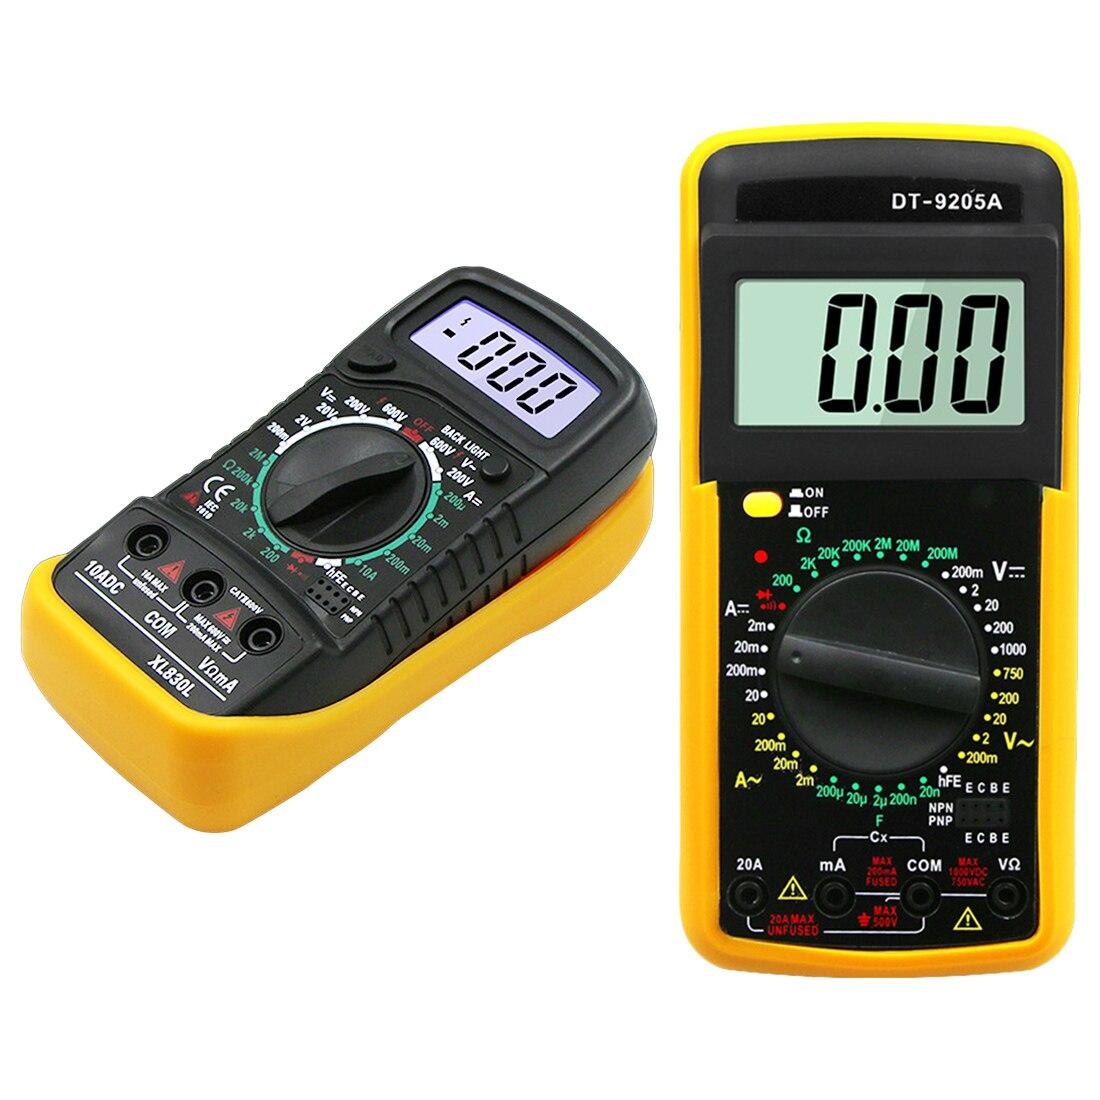 LCD Multimer Multimètre Numérique Rétro-Éclairage AC/DC Ampèremètre Voltmètre Ohm Testeur Compteur XL830L/DT-9205A De Poche